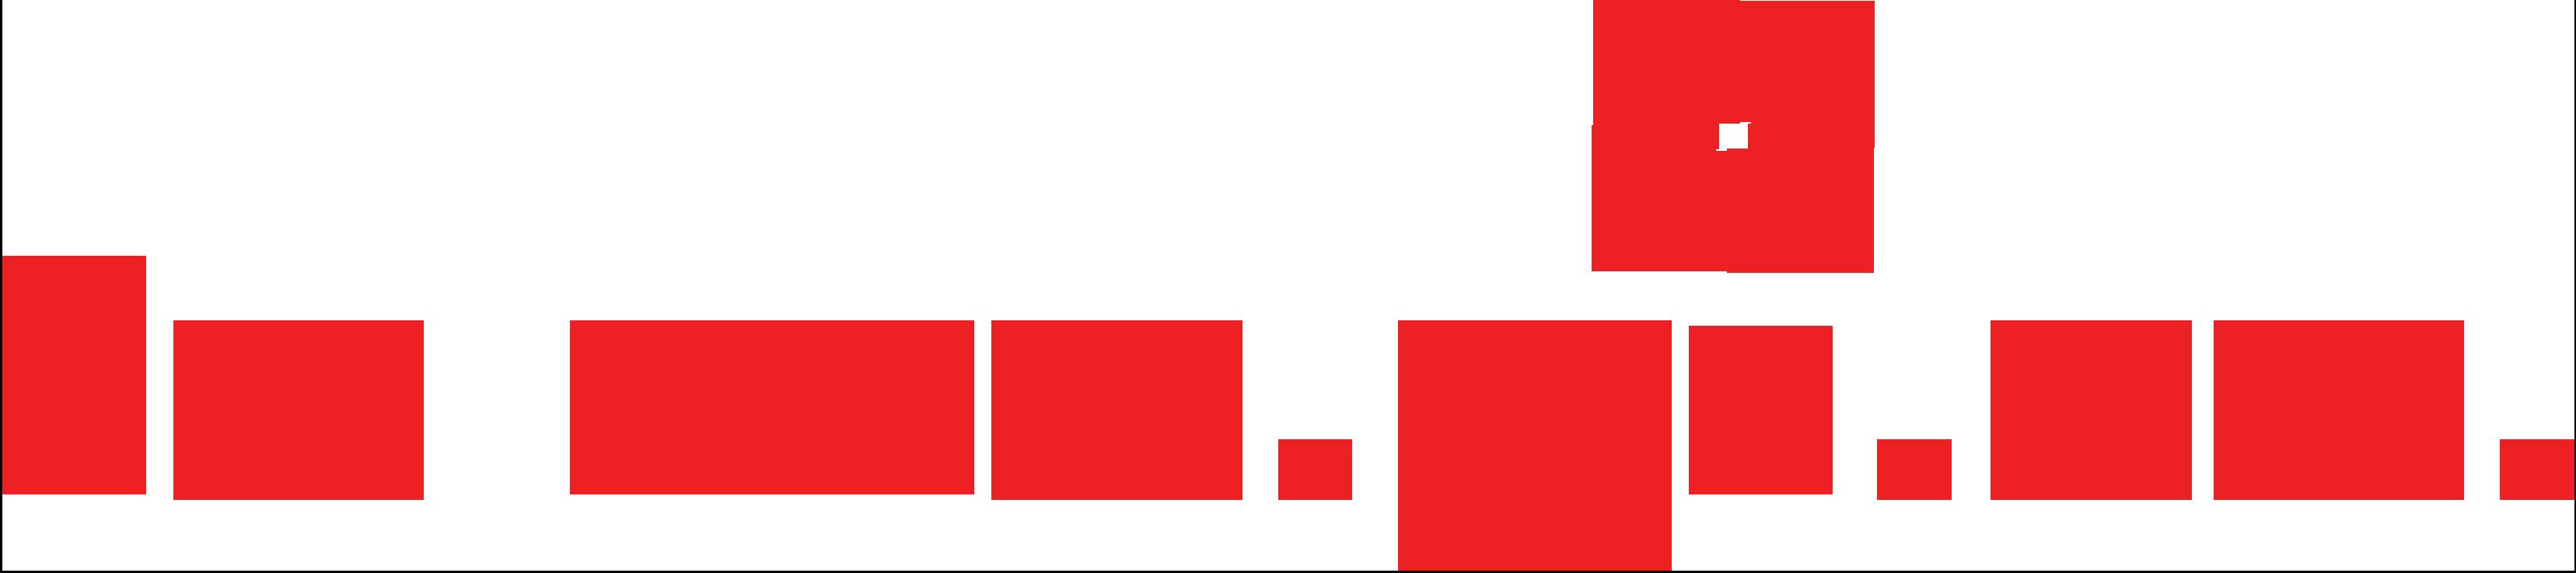 LaMagica